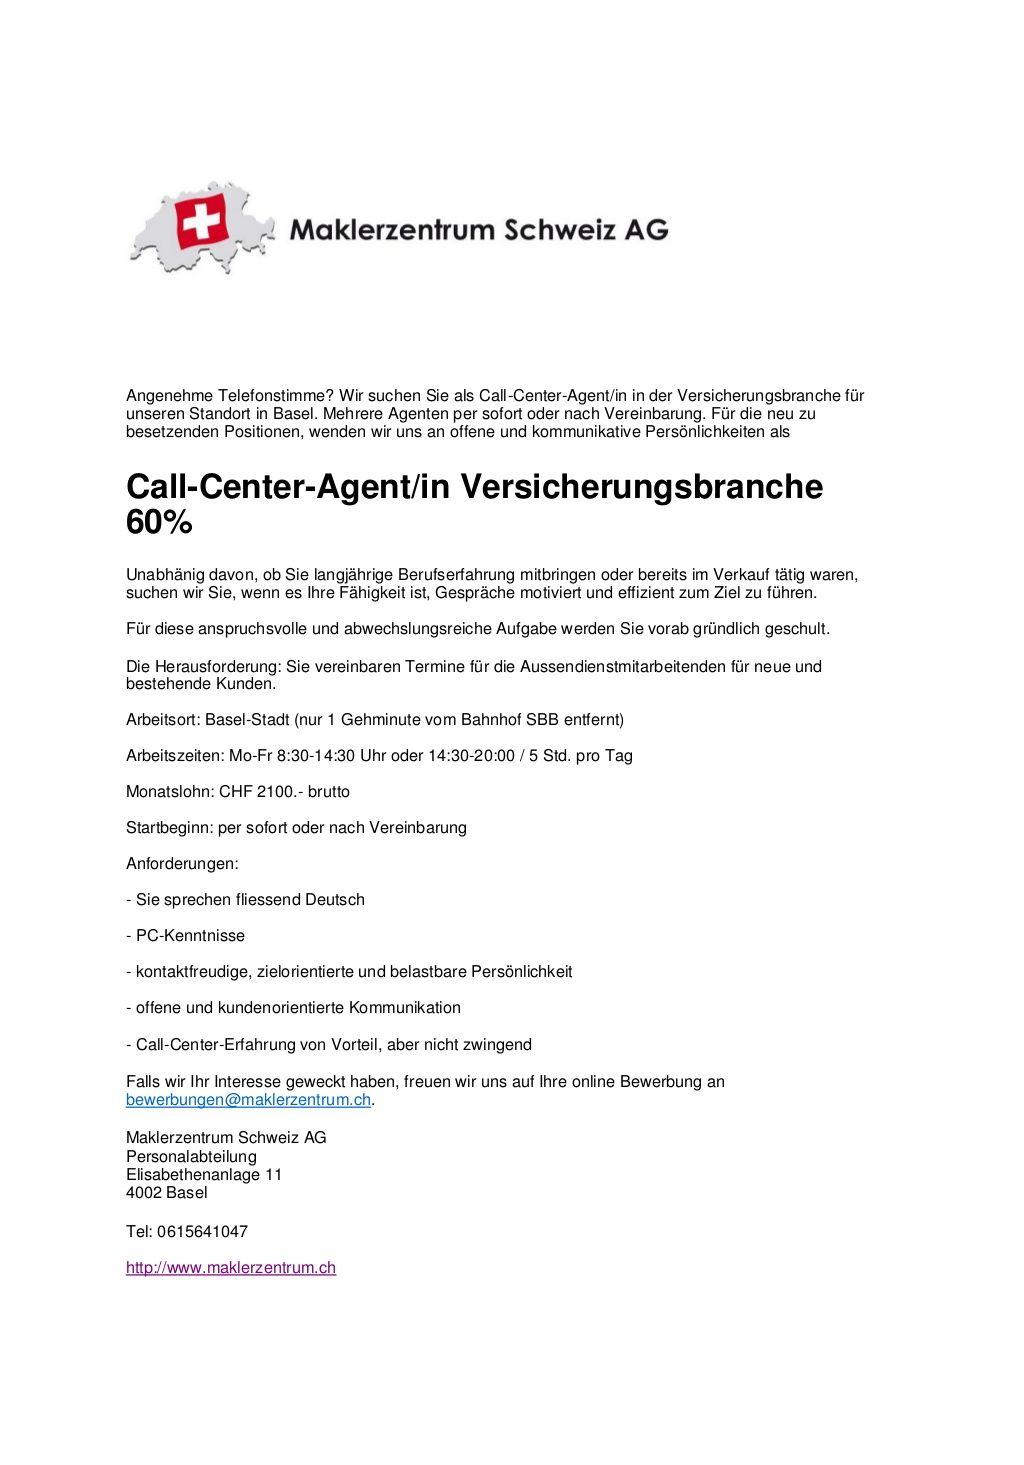 maklerzentrum schweiz call center agenten by maklrerzentrum schweiz ag via slideshare - Bewerbung Call Center